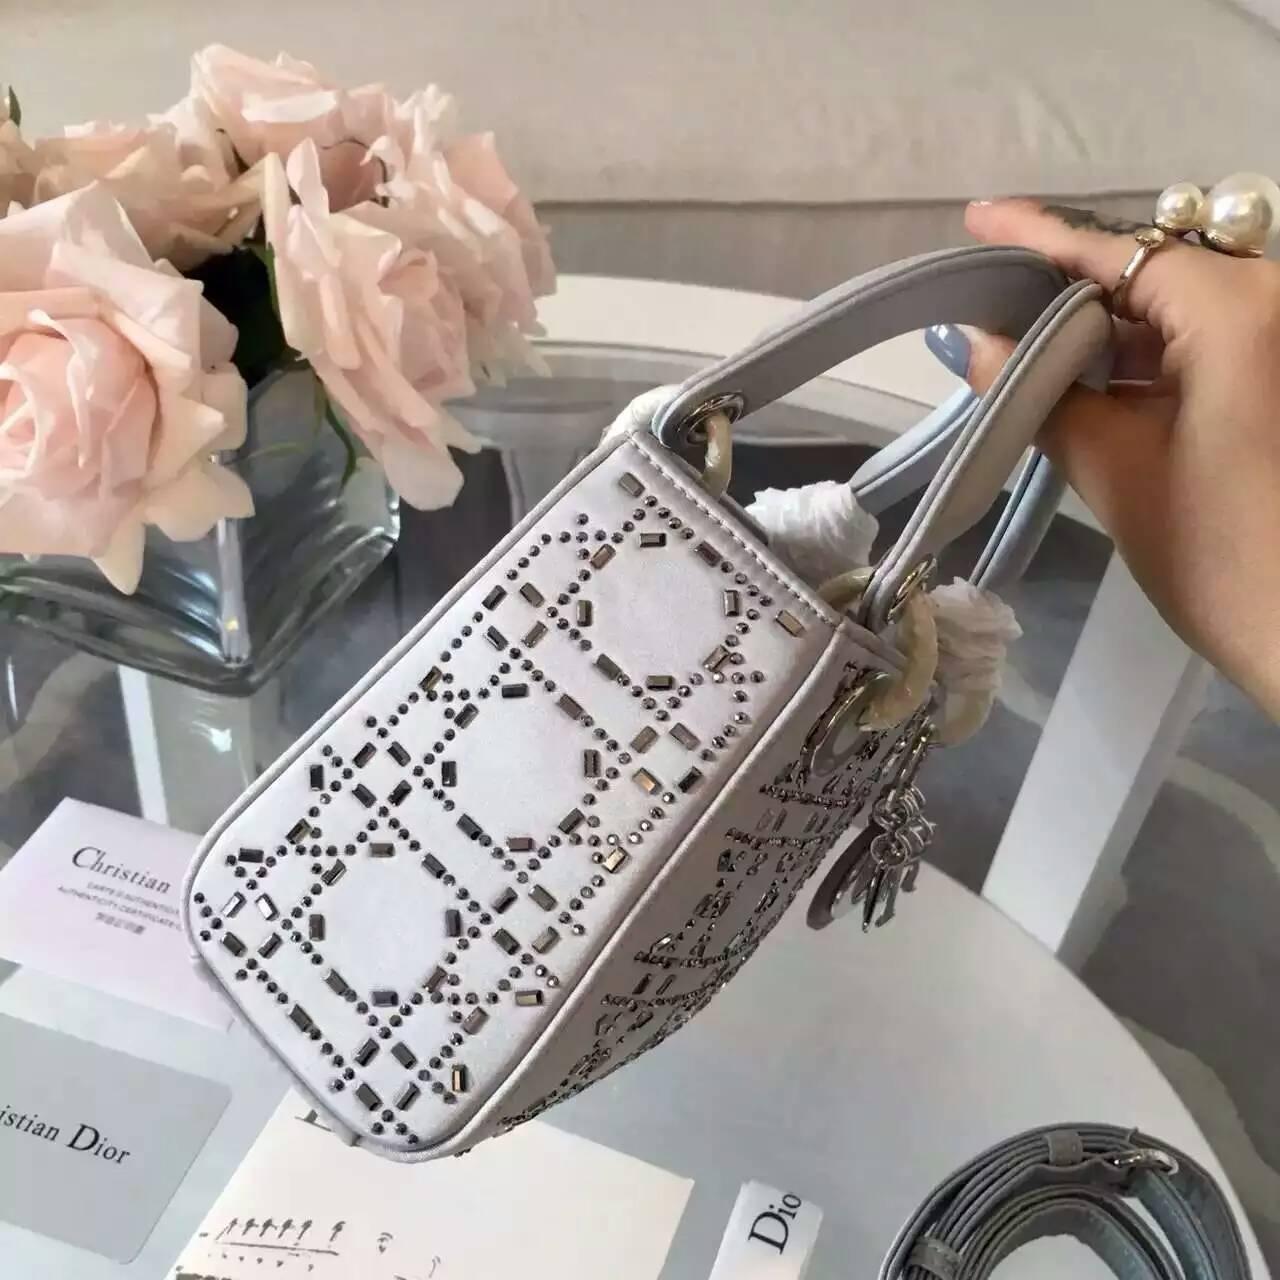 迪奥戴妃包新款 Lady Dior钻石菱格原版灰色丝绸款迷你三格戴妃包17cm